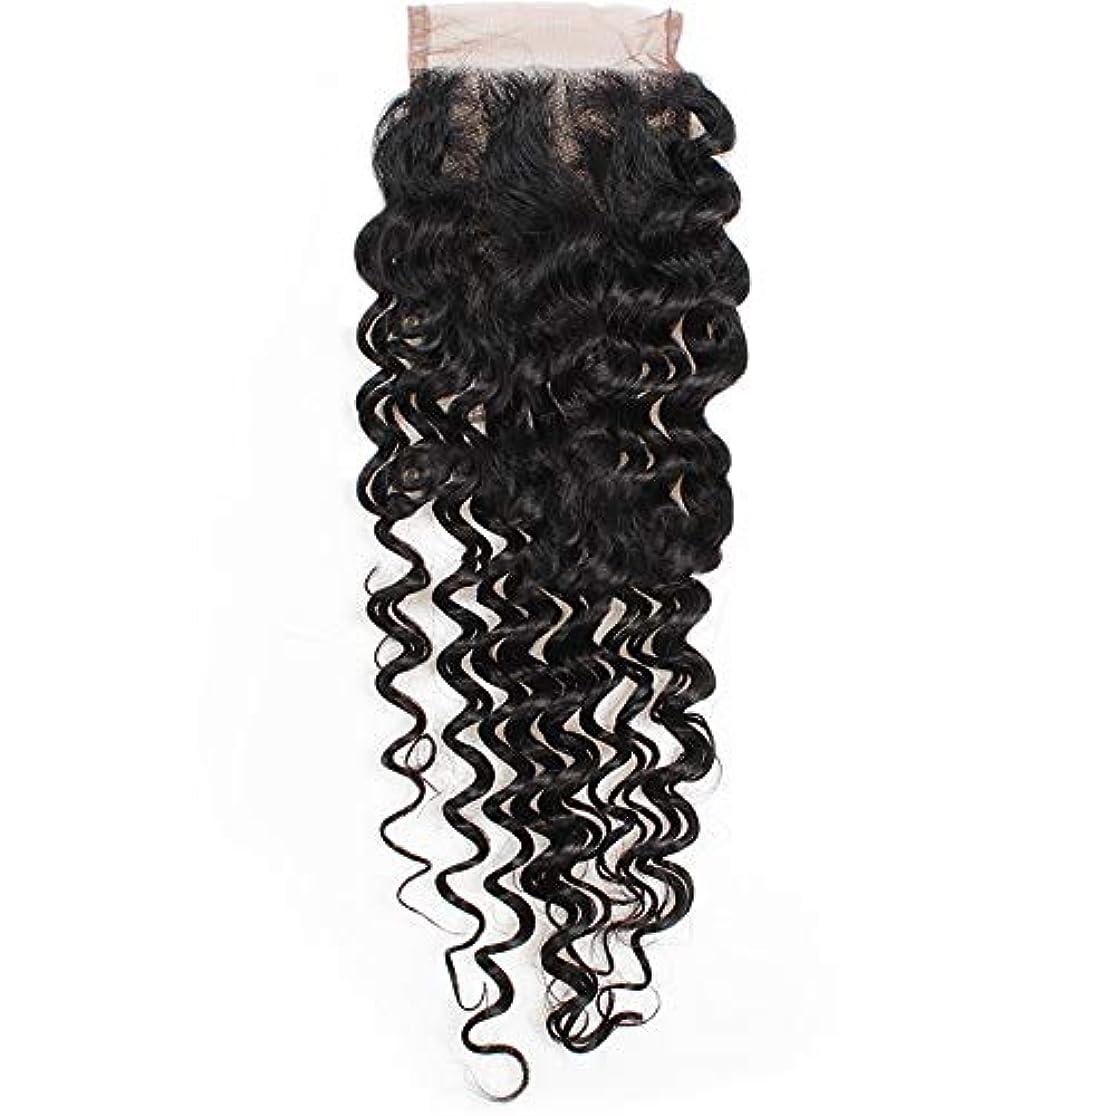 算術ポーター宇宙のHOHYLLYA 4×4ストレート3パートレース閉鎖7aブラジルディープウェーブ人間の髪の毛のトップ閉鎖ロールプレイングかつら女性のかつら (色 : 黒, サイズ : 14 inch)